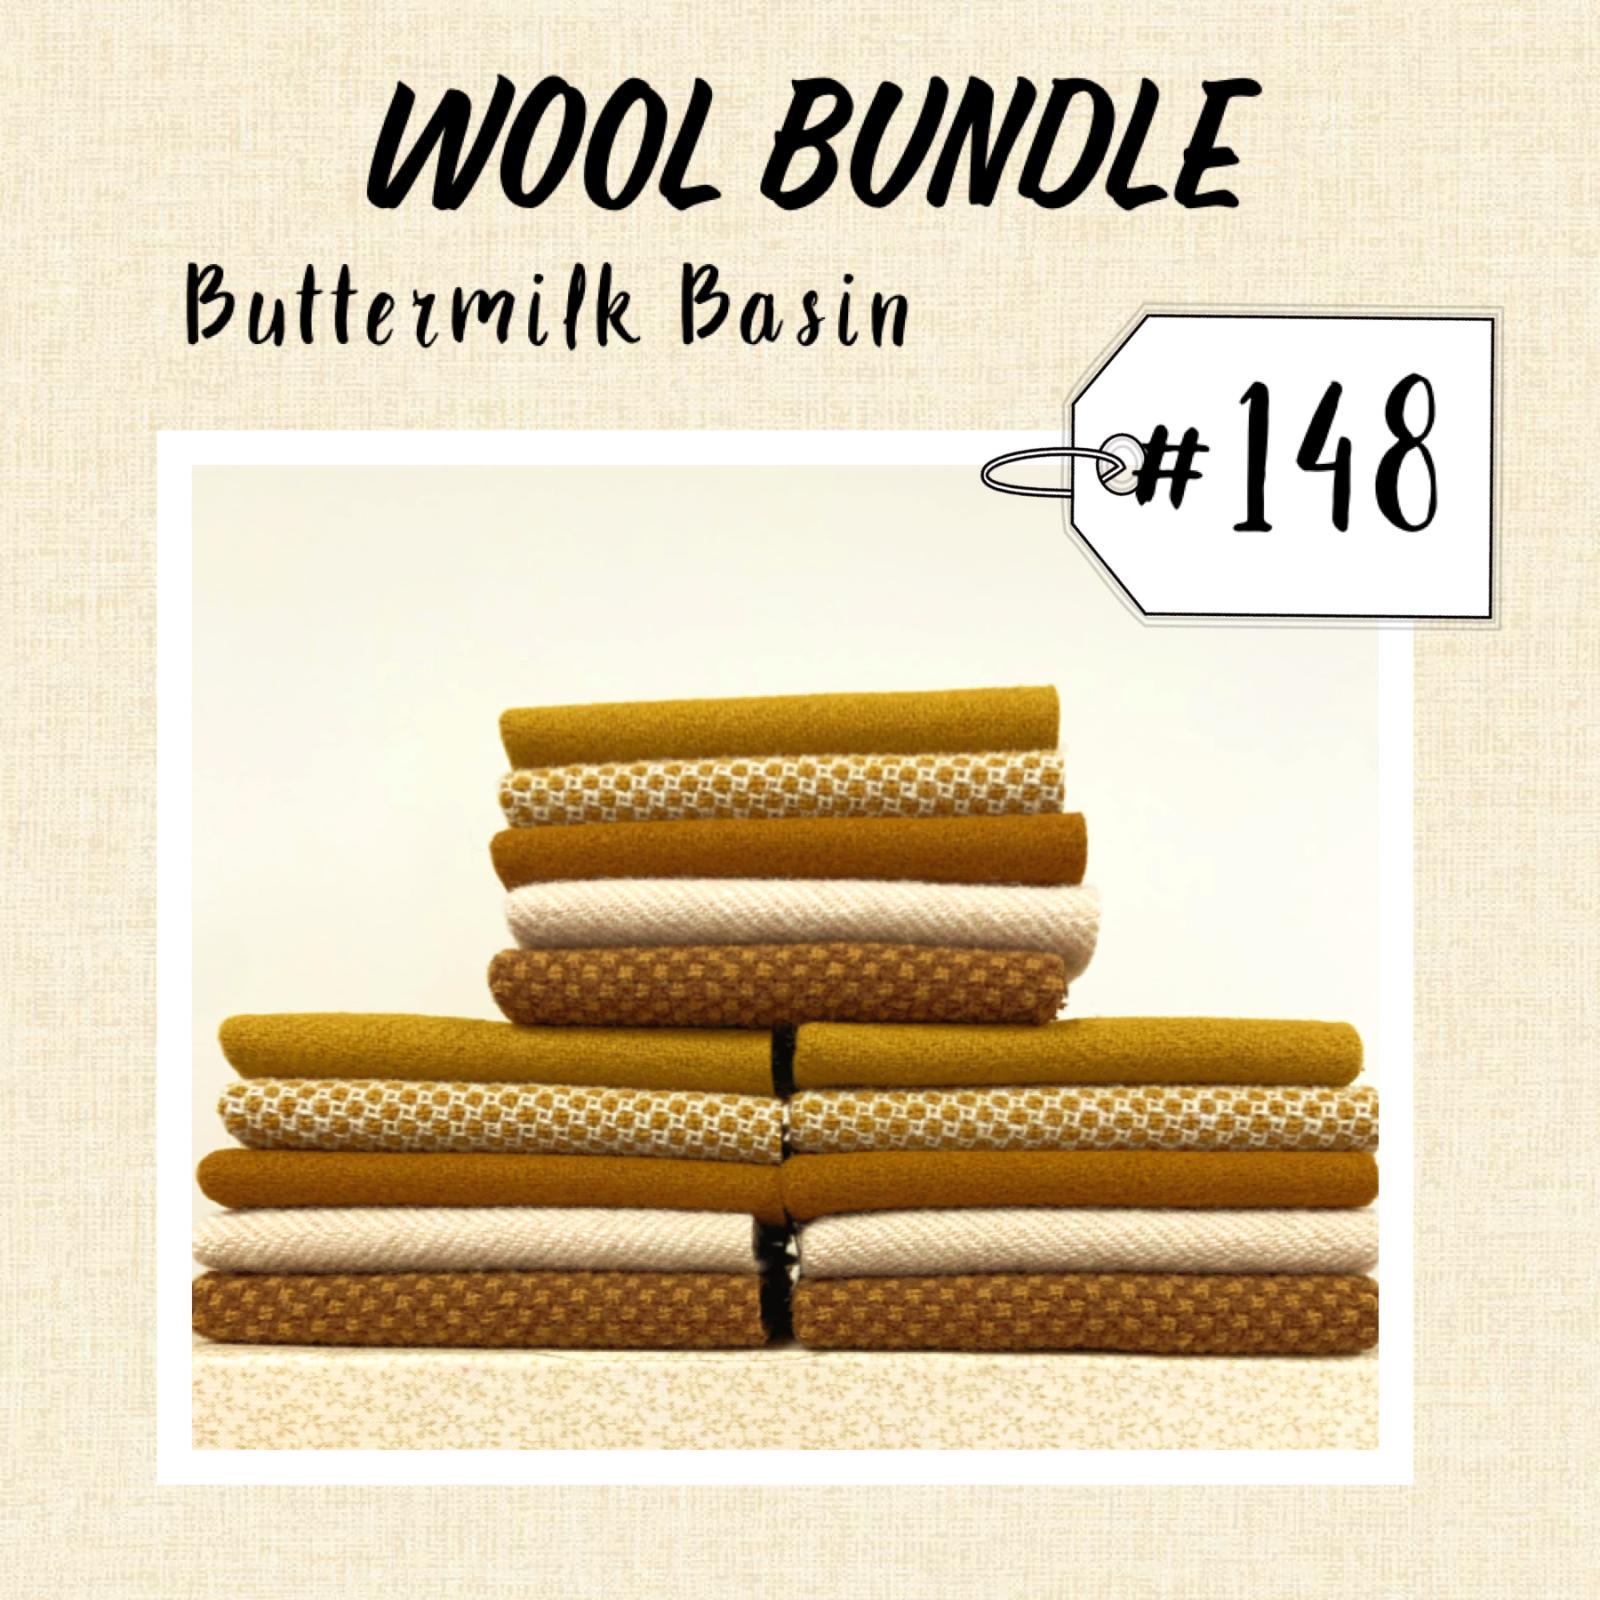 Wool Bundle #148